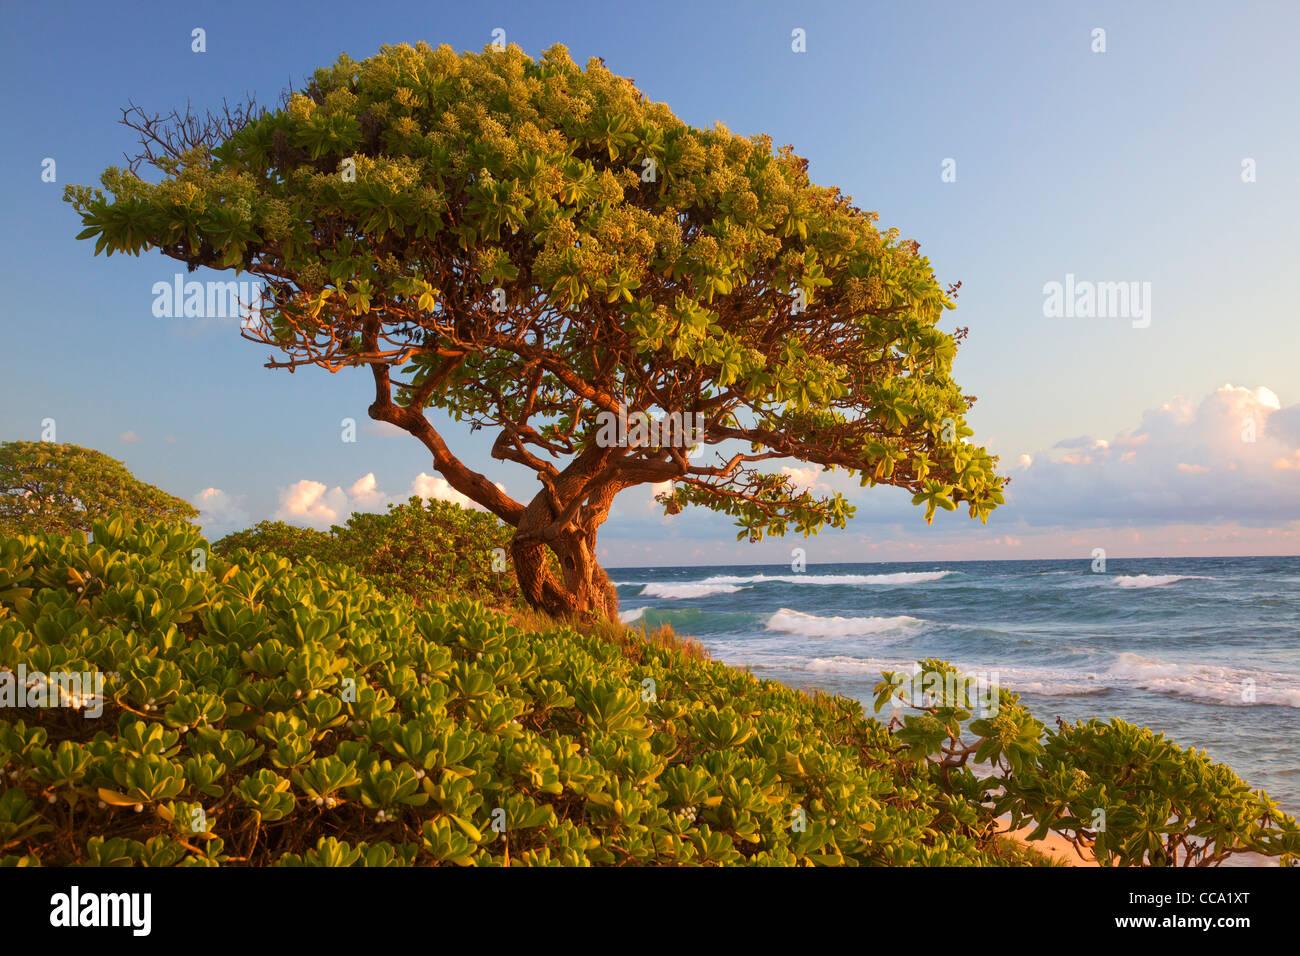 Nukoli io Beach, noto anche come spiaggia di cucine, Kauai, Hawaii. Immagini Stock